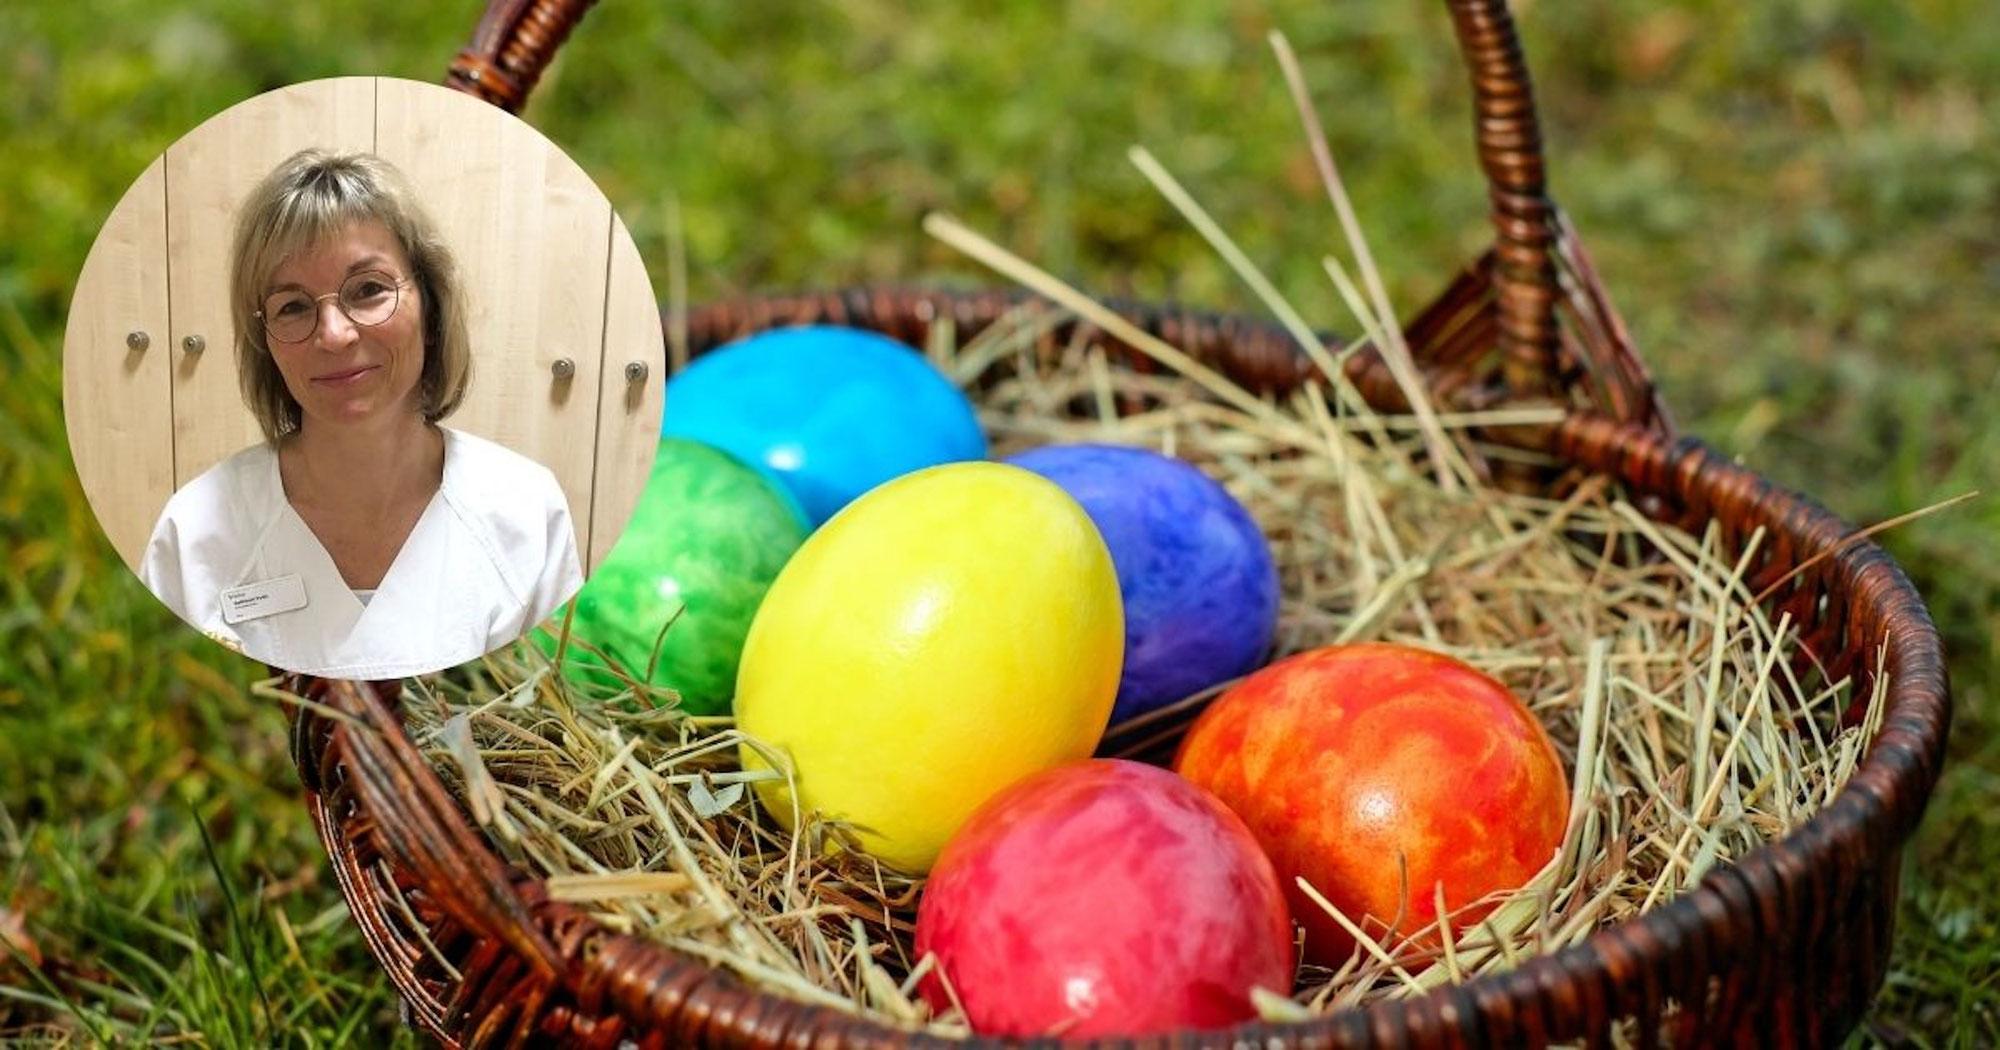 Geheimnis Lycopin: Warum Eier von freilaufenden Hühnern gesünder sind